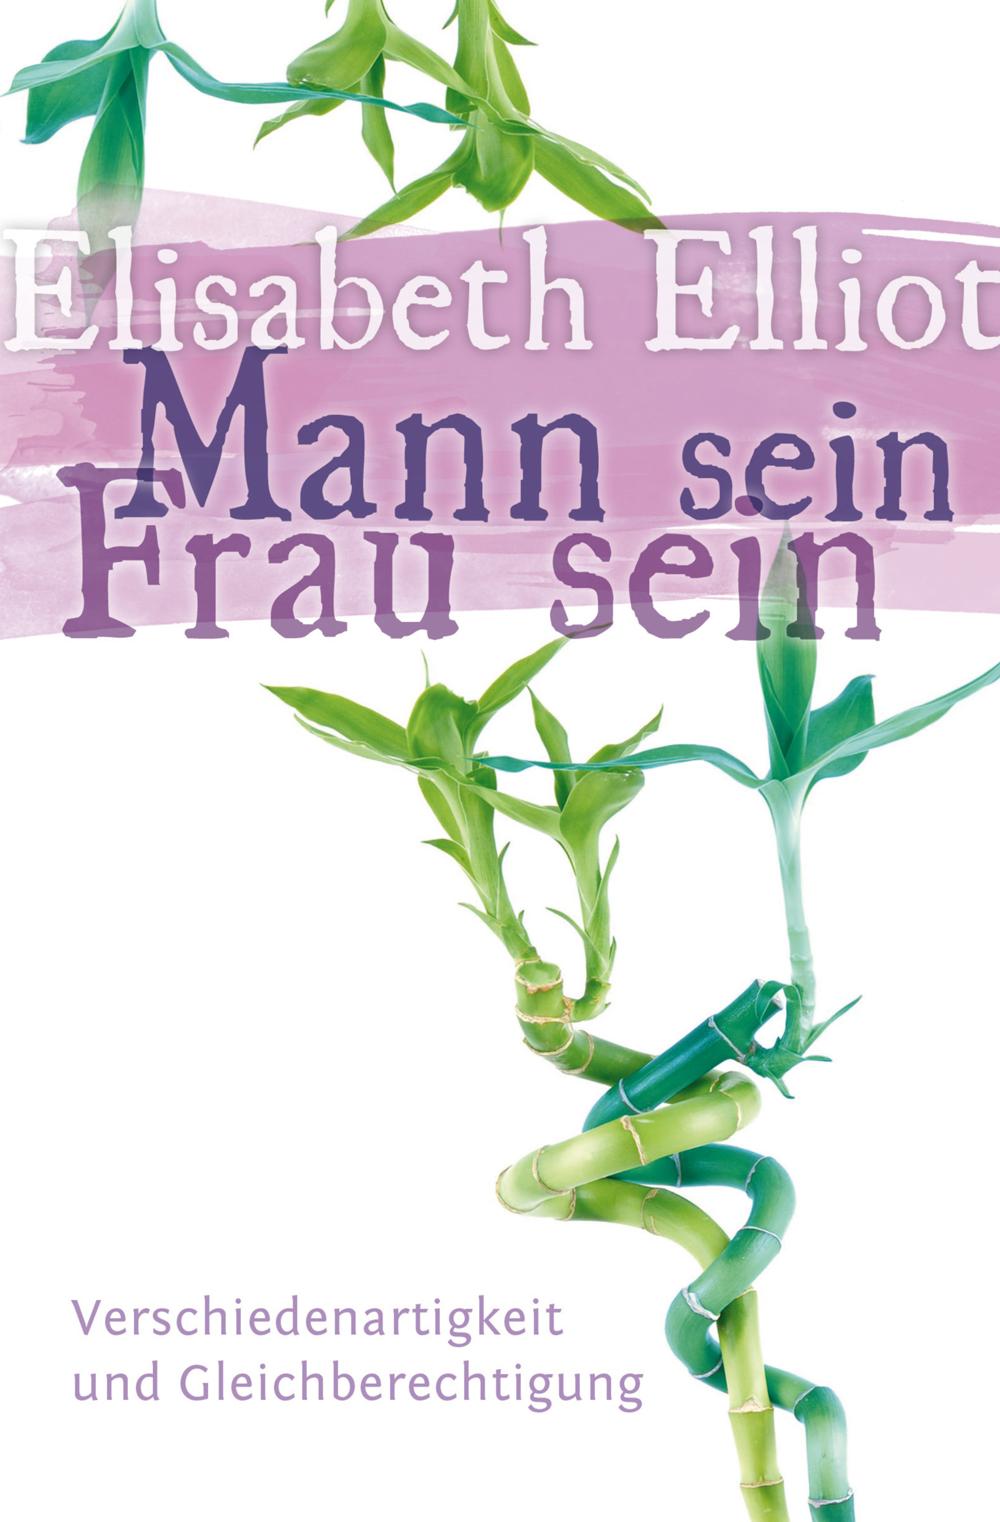 CLV_mann-sein-frau-sein_elisabeth-elliot_255295_1